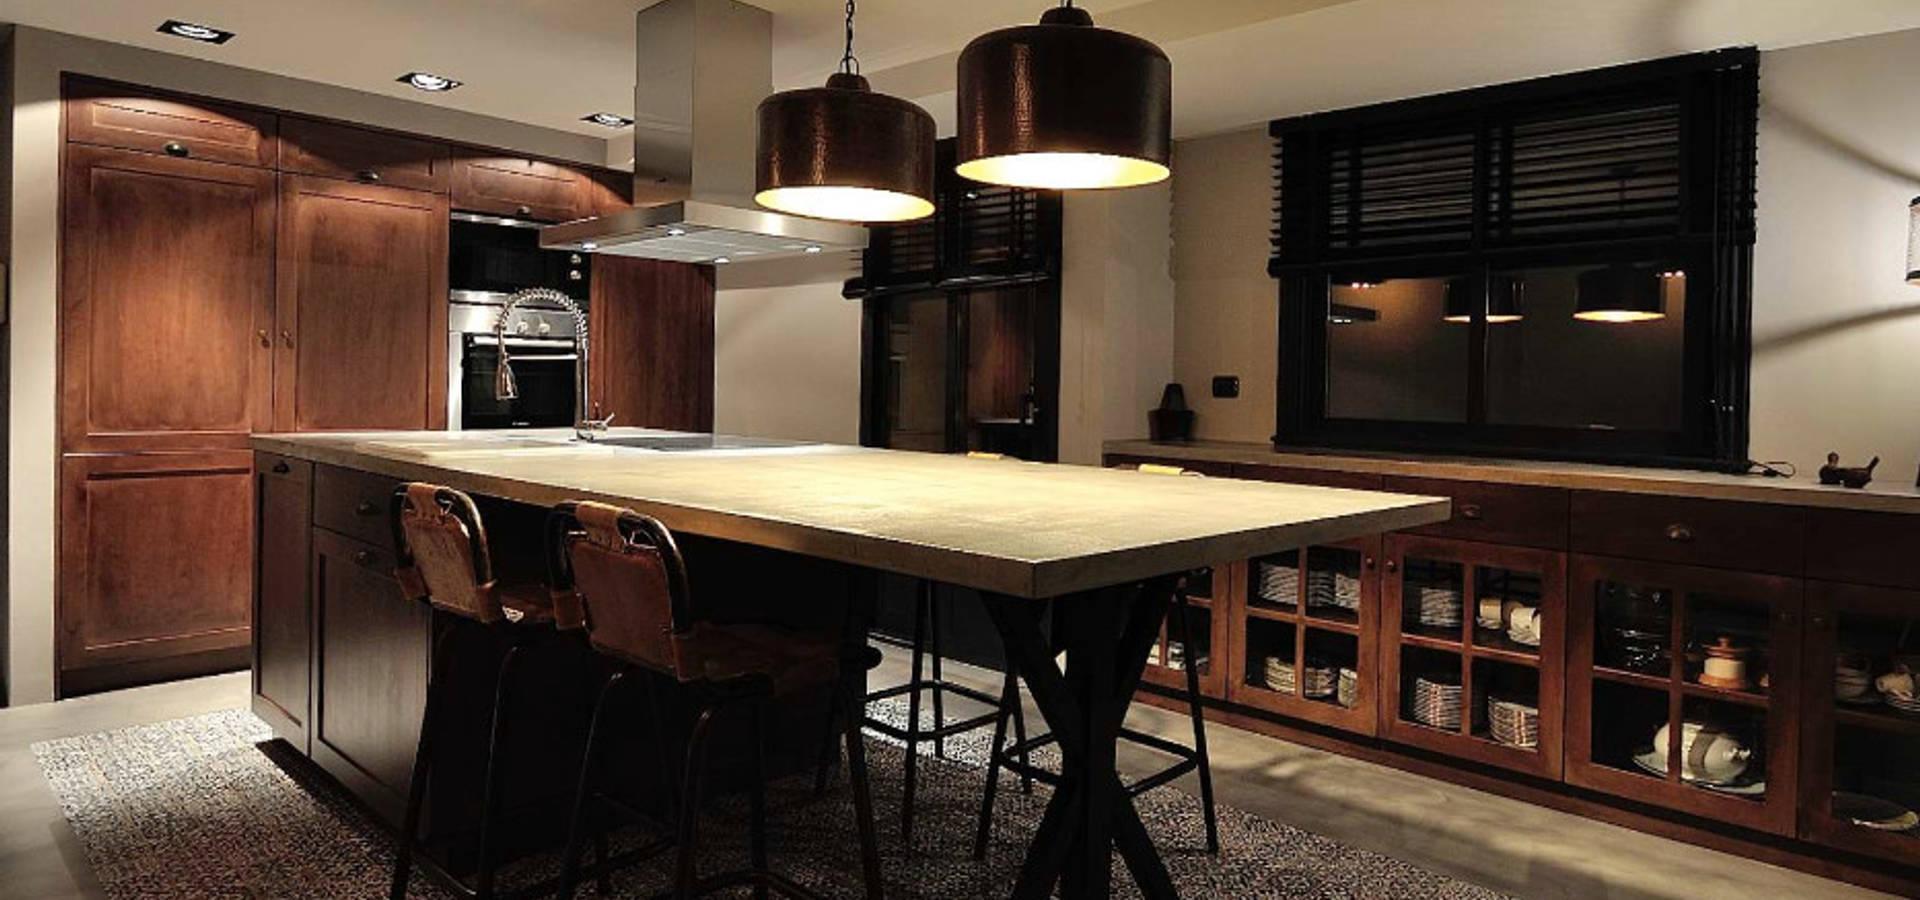 Cocina industrial by mido decoraci n homify - Cocina industrial ...